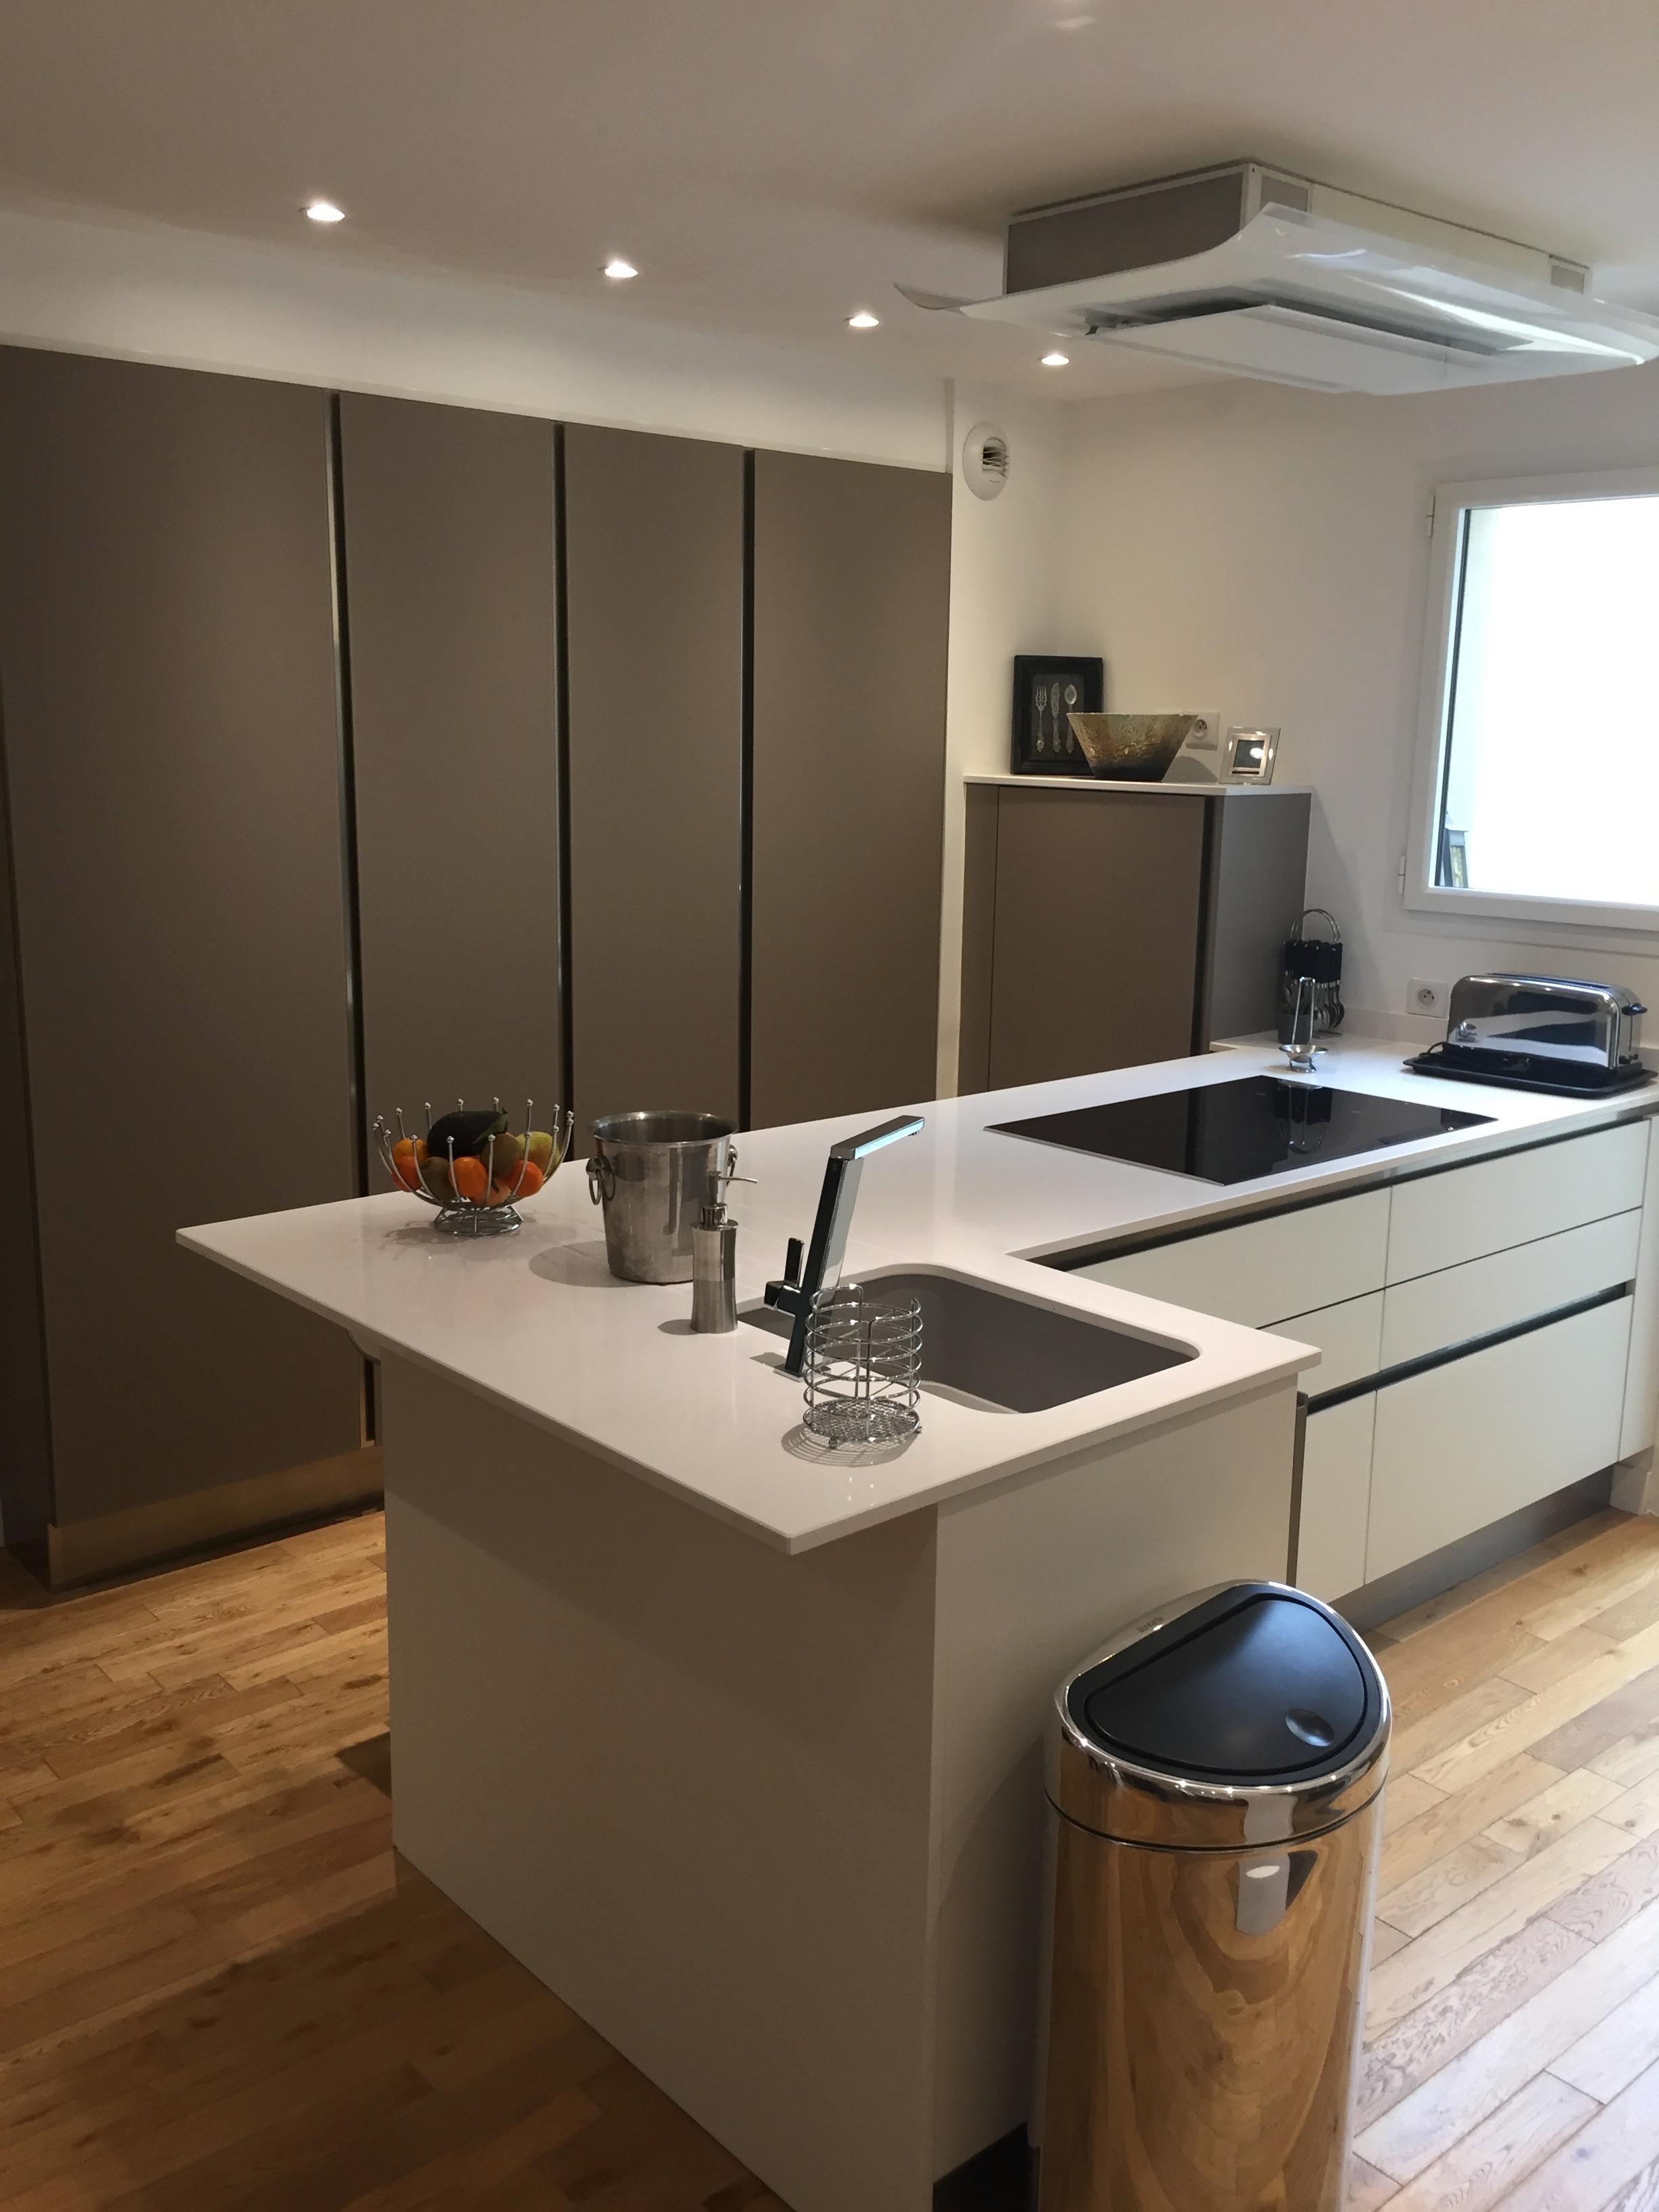 cuisine ouverte fonctionnelle et optimis e projets maison. Black Bedroom Furniture Sets. Home Design Ideas